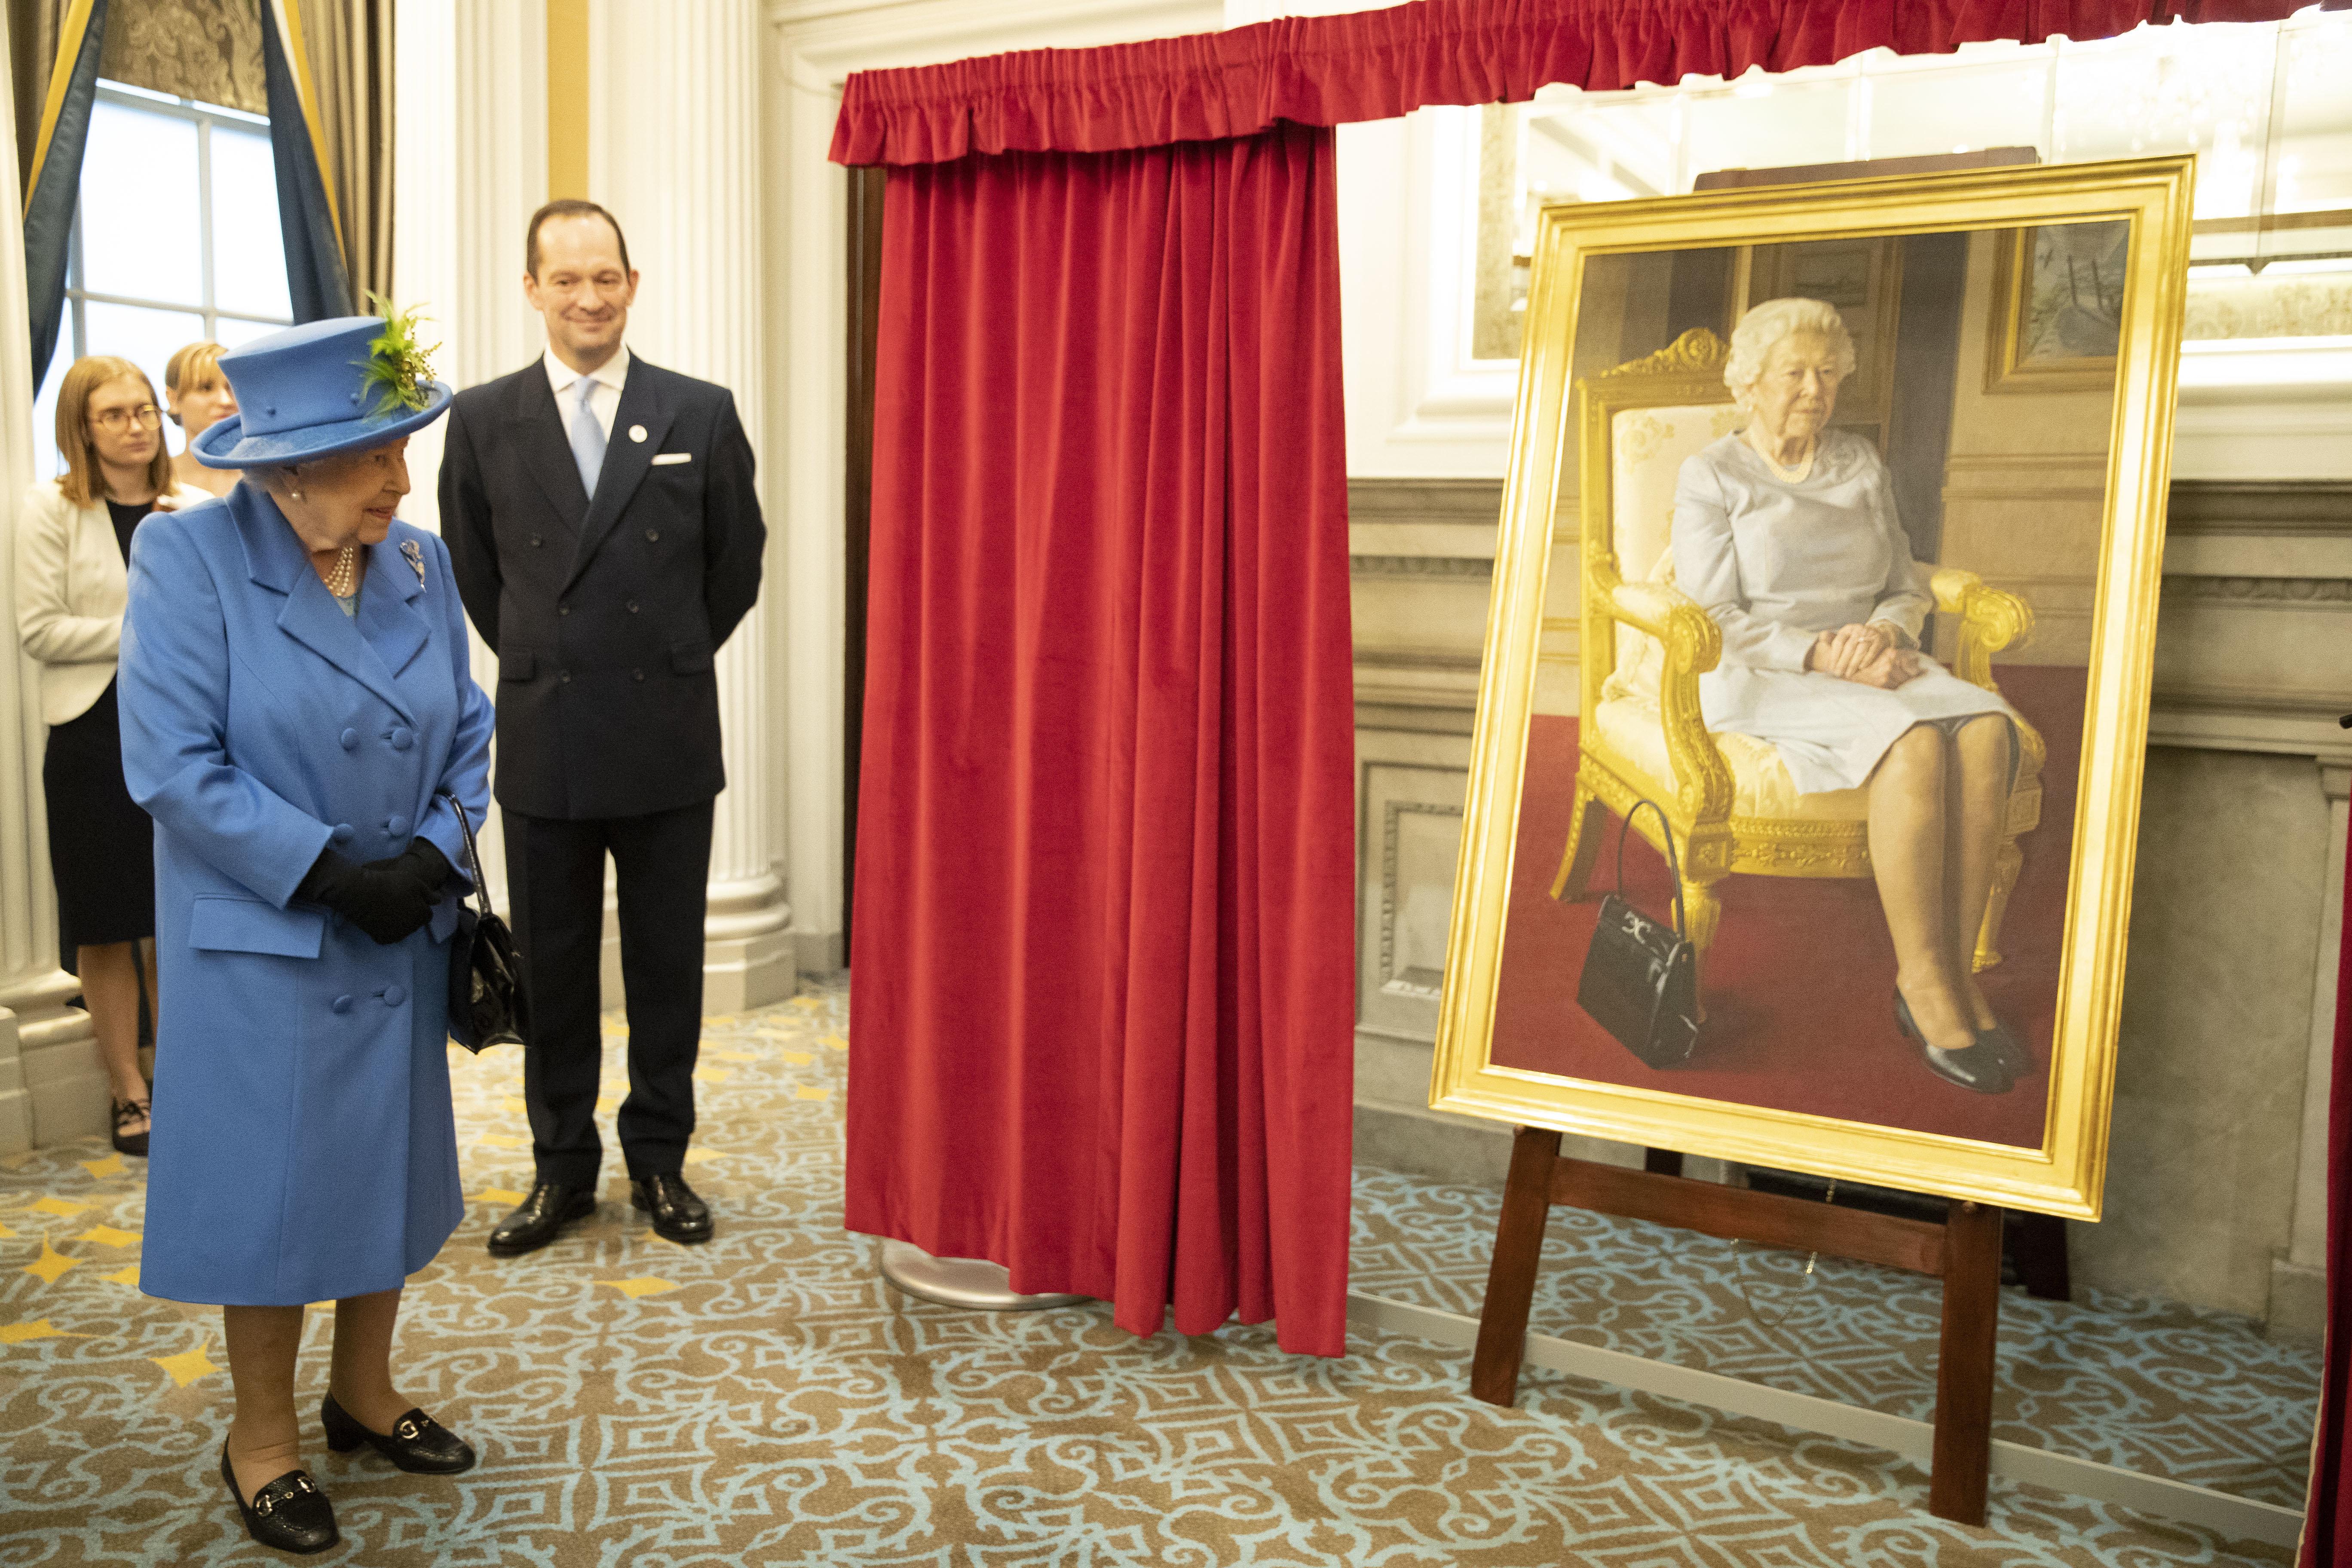 New Portrait Of Queen Elizabeth II Features Her Constant Companion: Her Purse